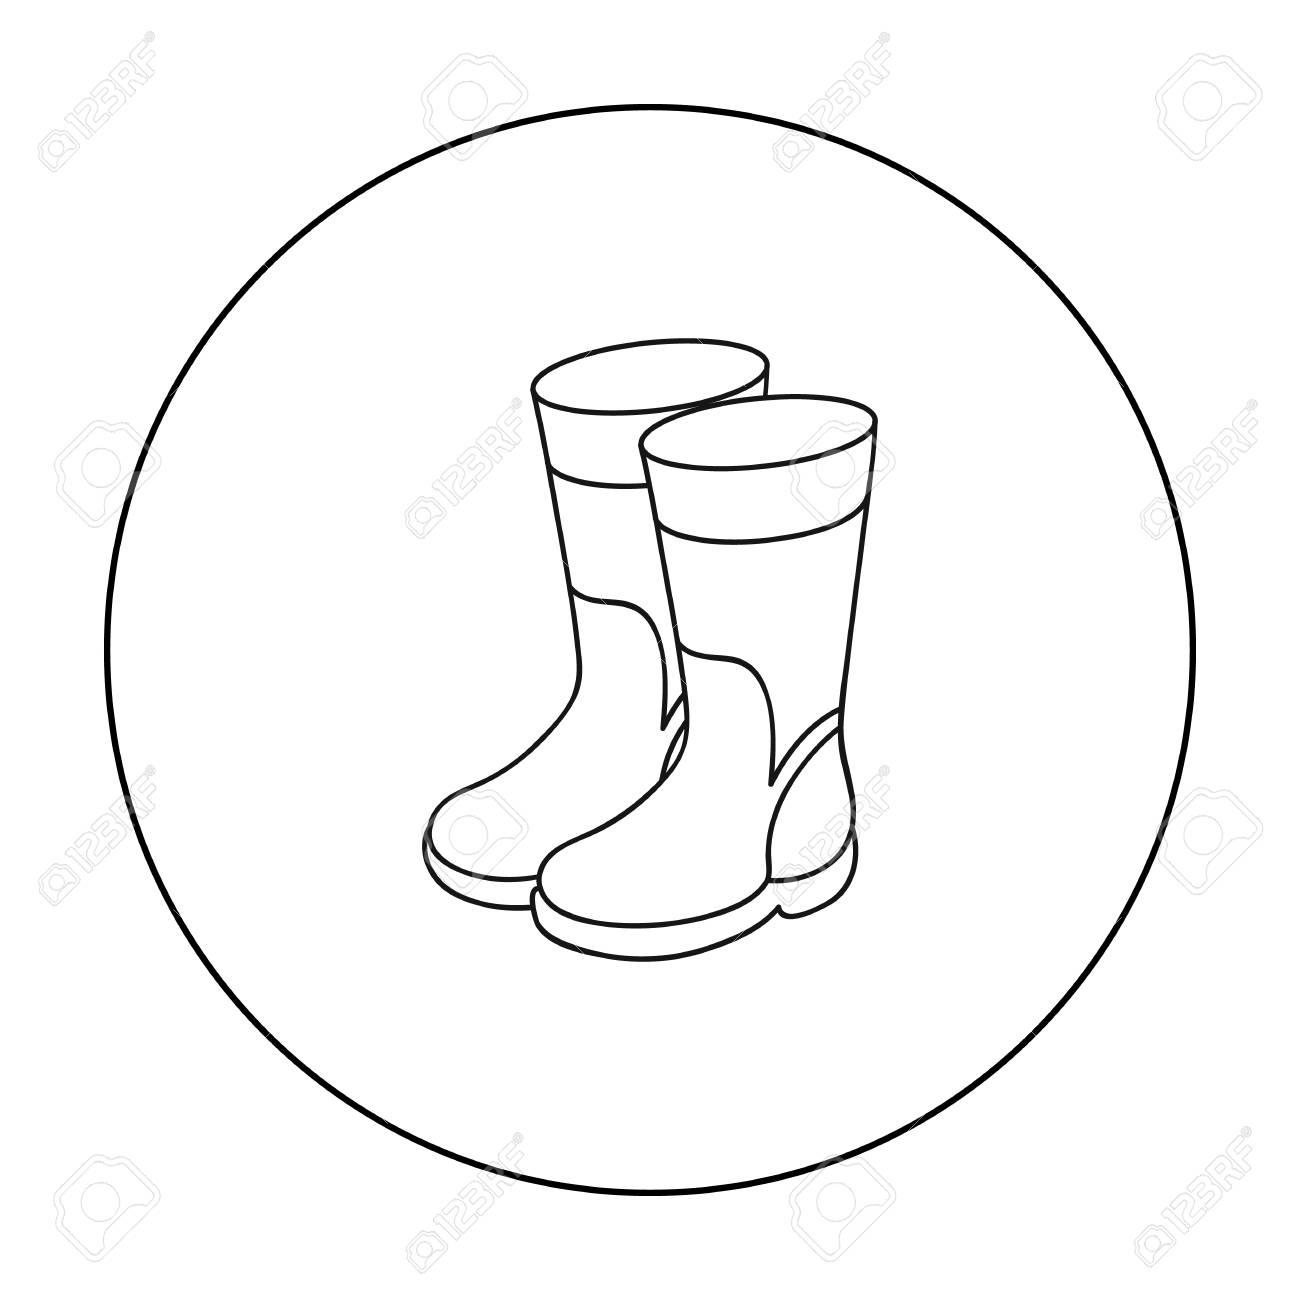 Icono de botas de goma en estilo de contorno aislado sobre fondo blanco. Ilustración de vector stock de símbolo de pesca.